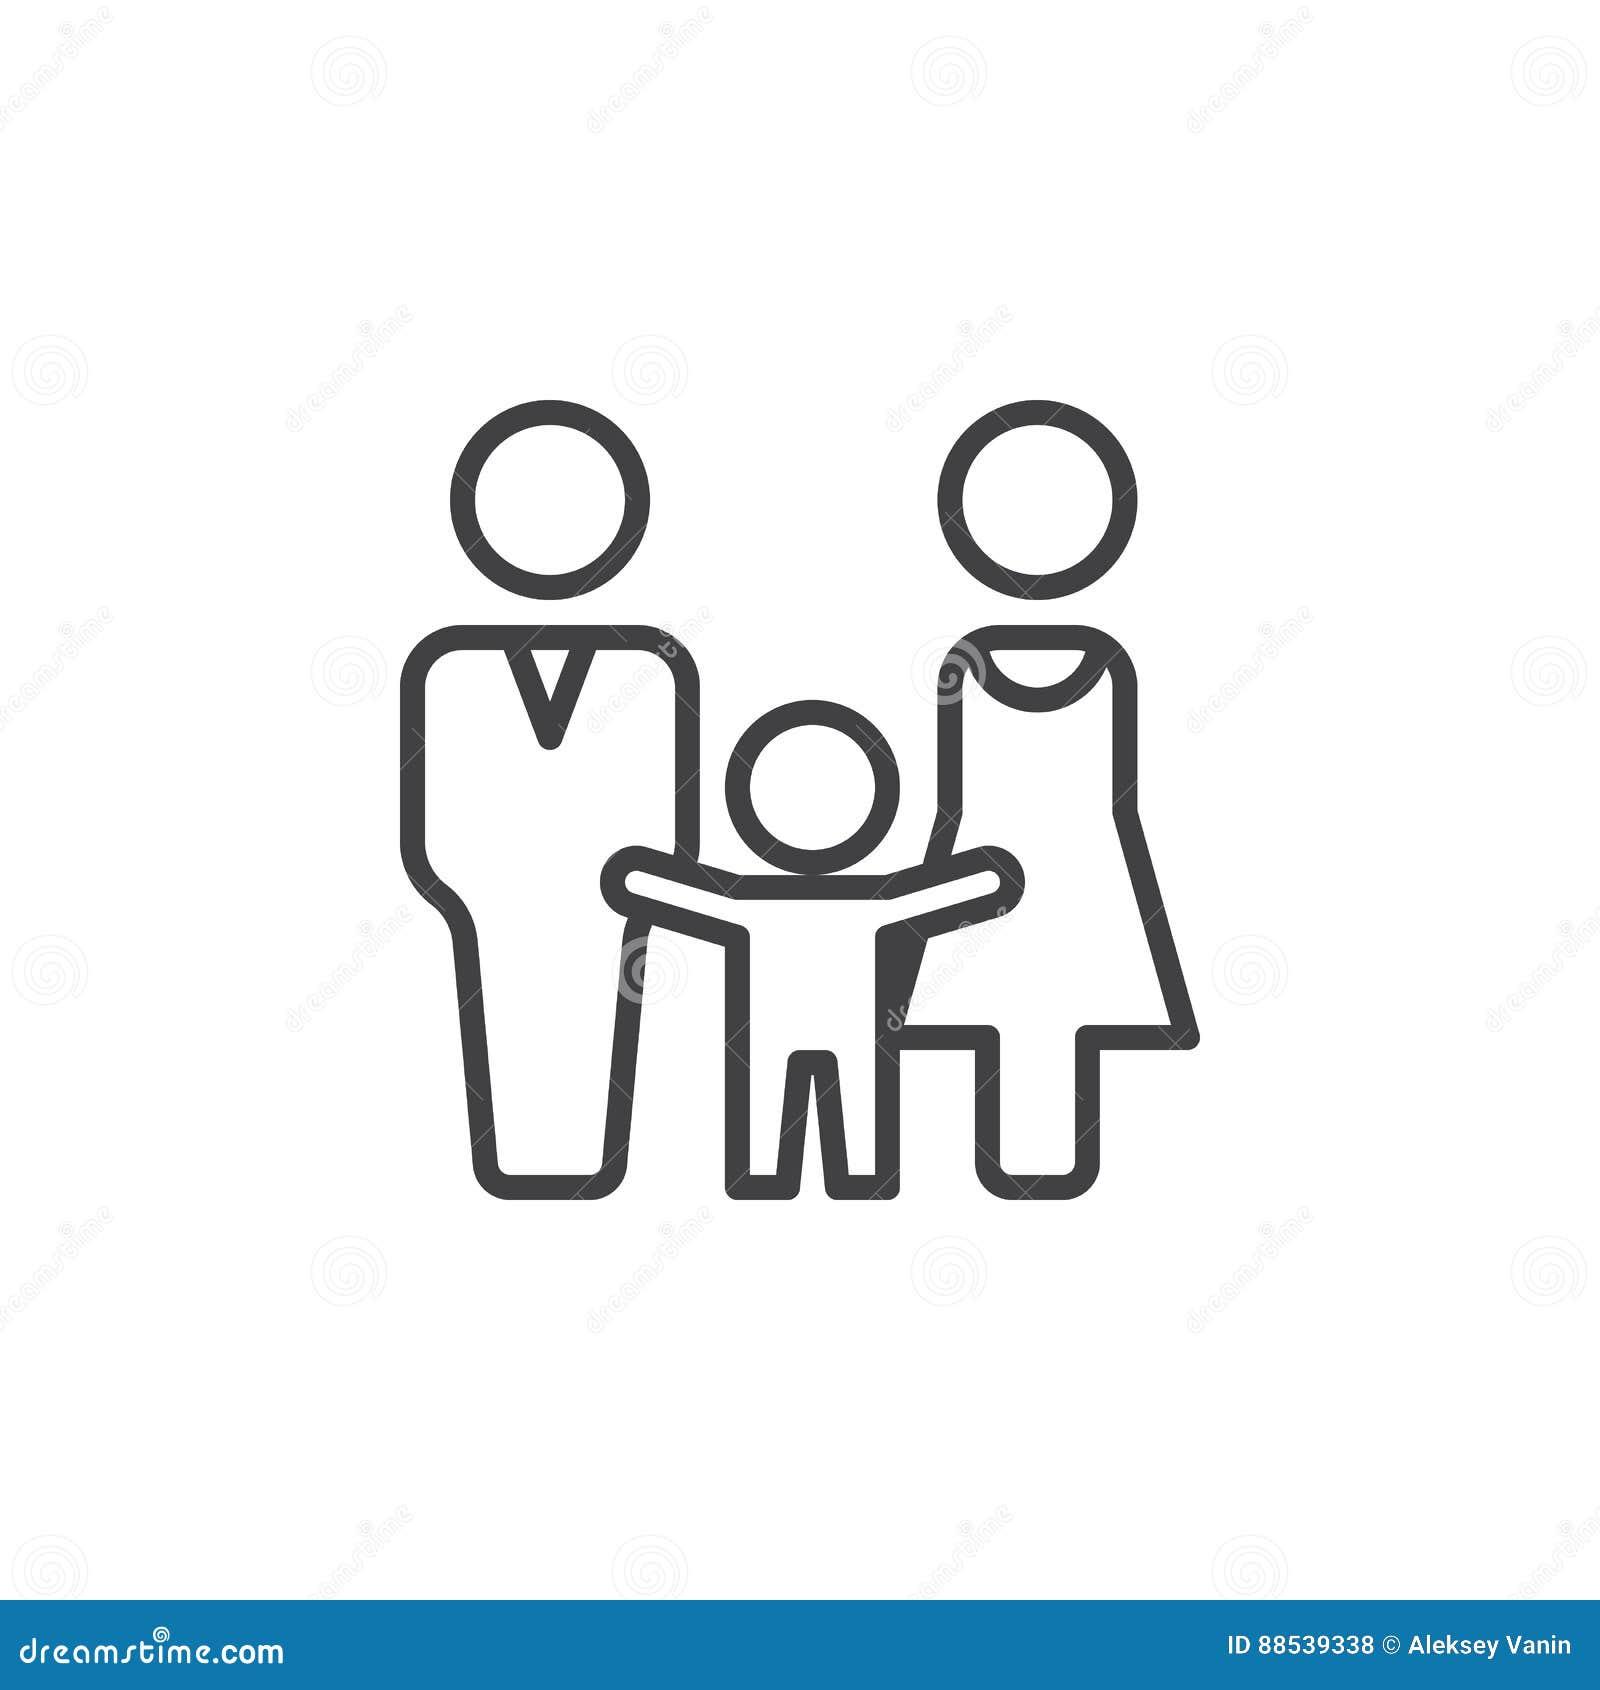 El hombre, la mujer y el niño alinean el icono, muestra del vector del esquema, pictograma linear aislado en blanco